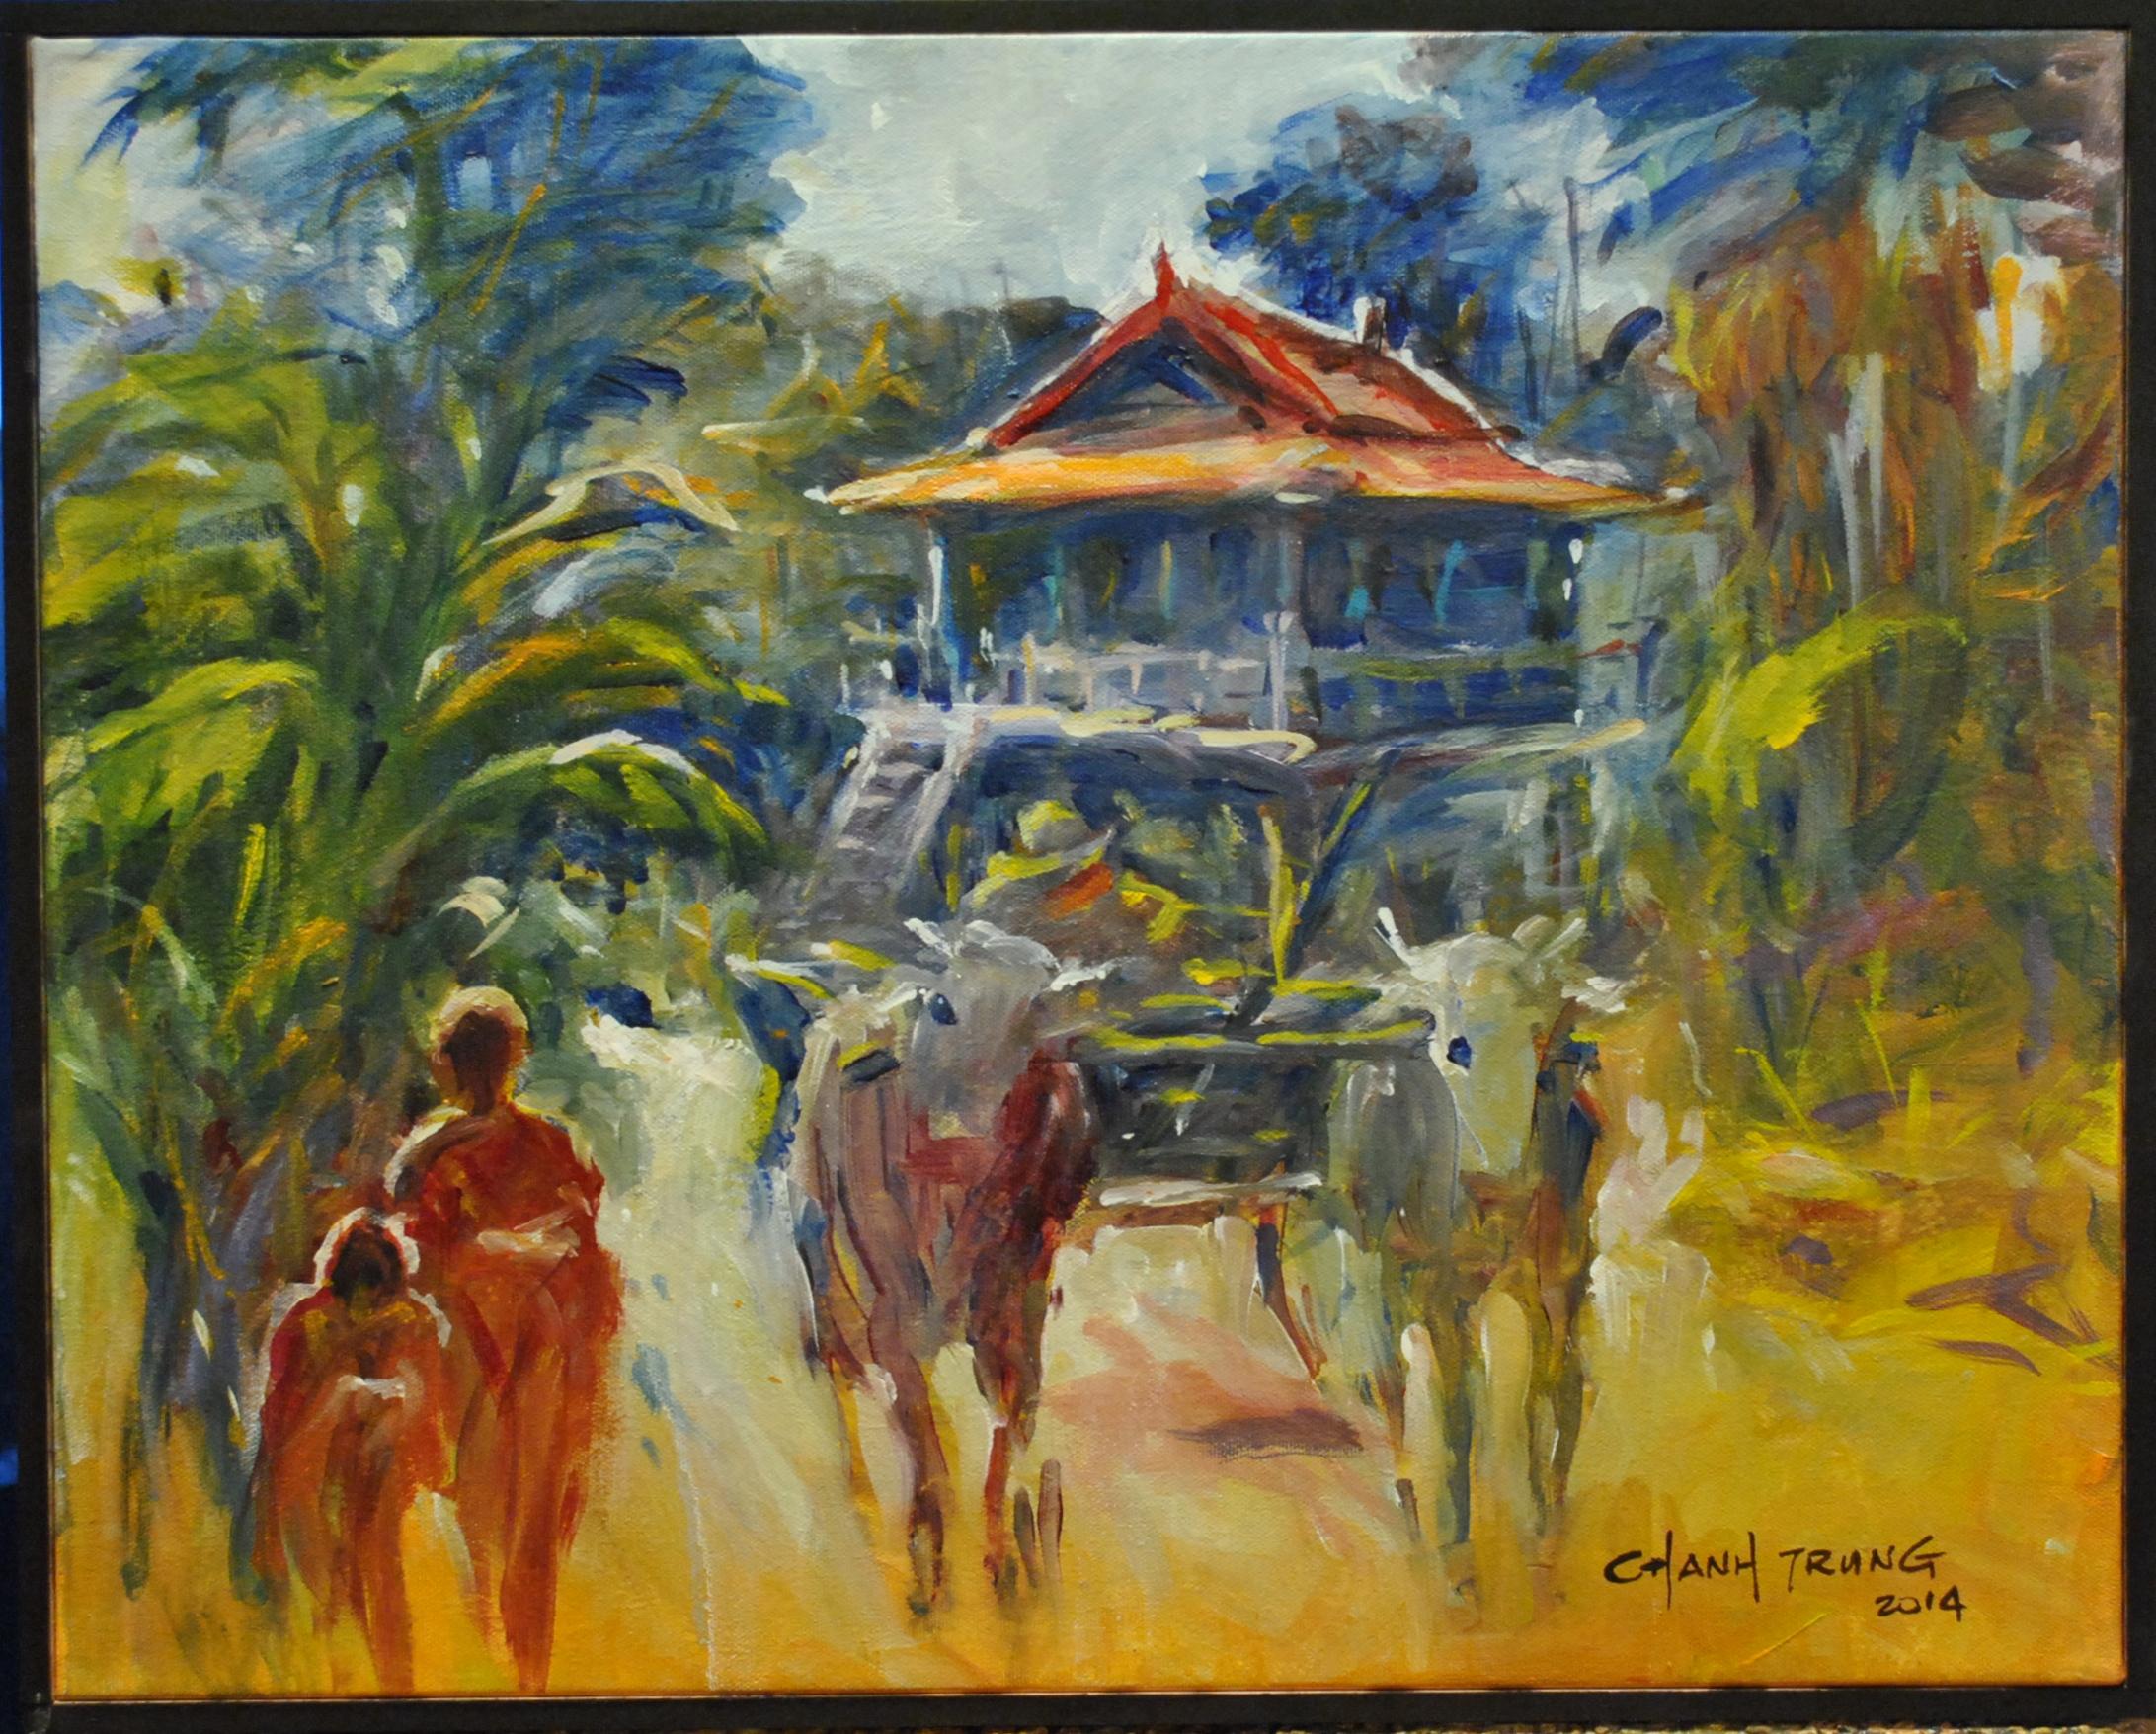 2014, Maison Villageoise,Cambodge